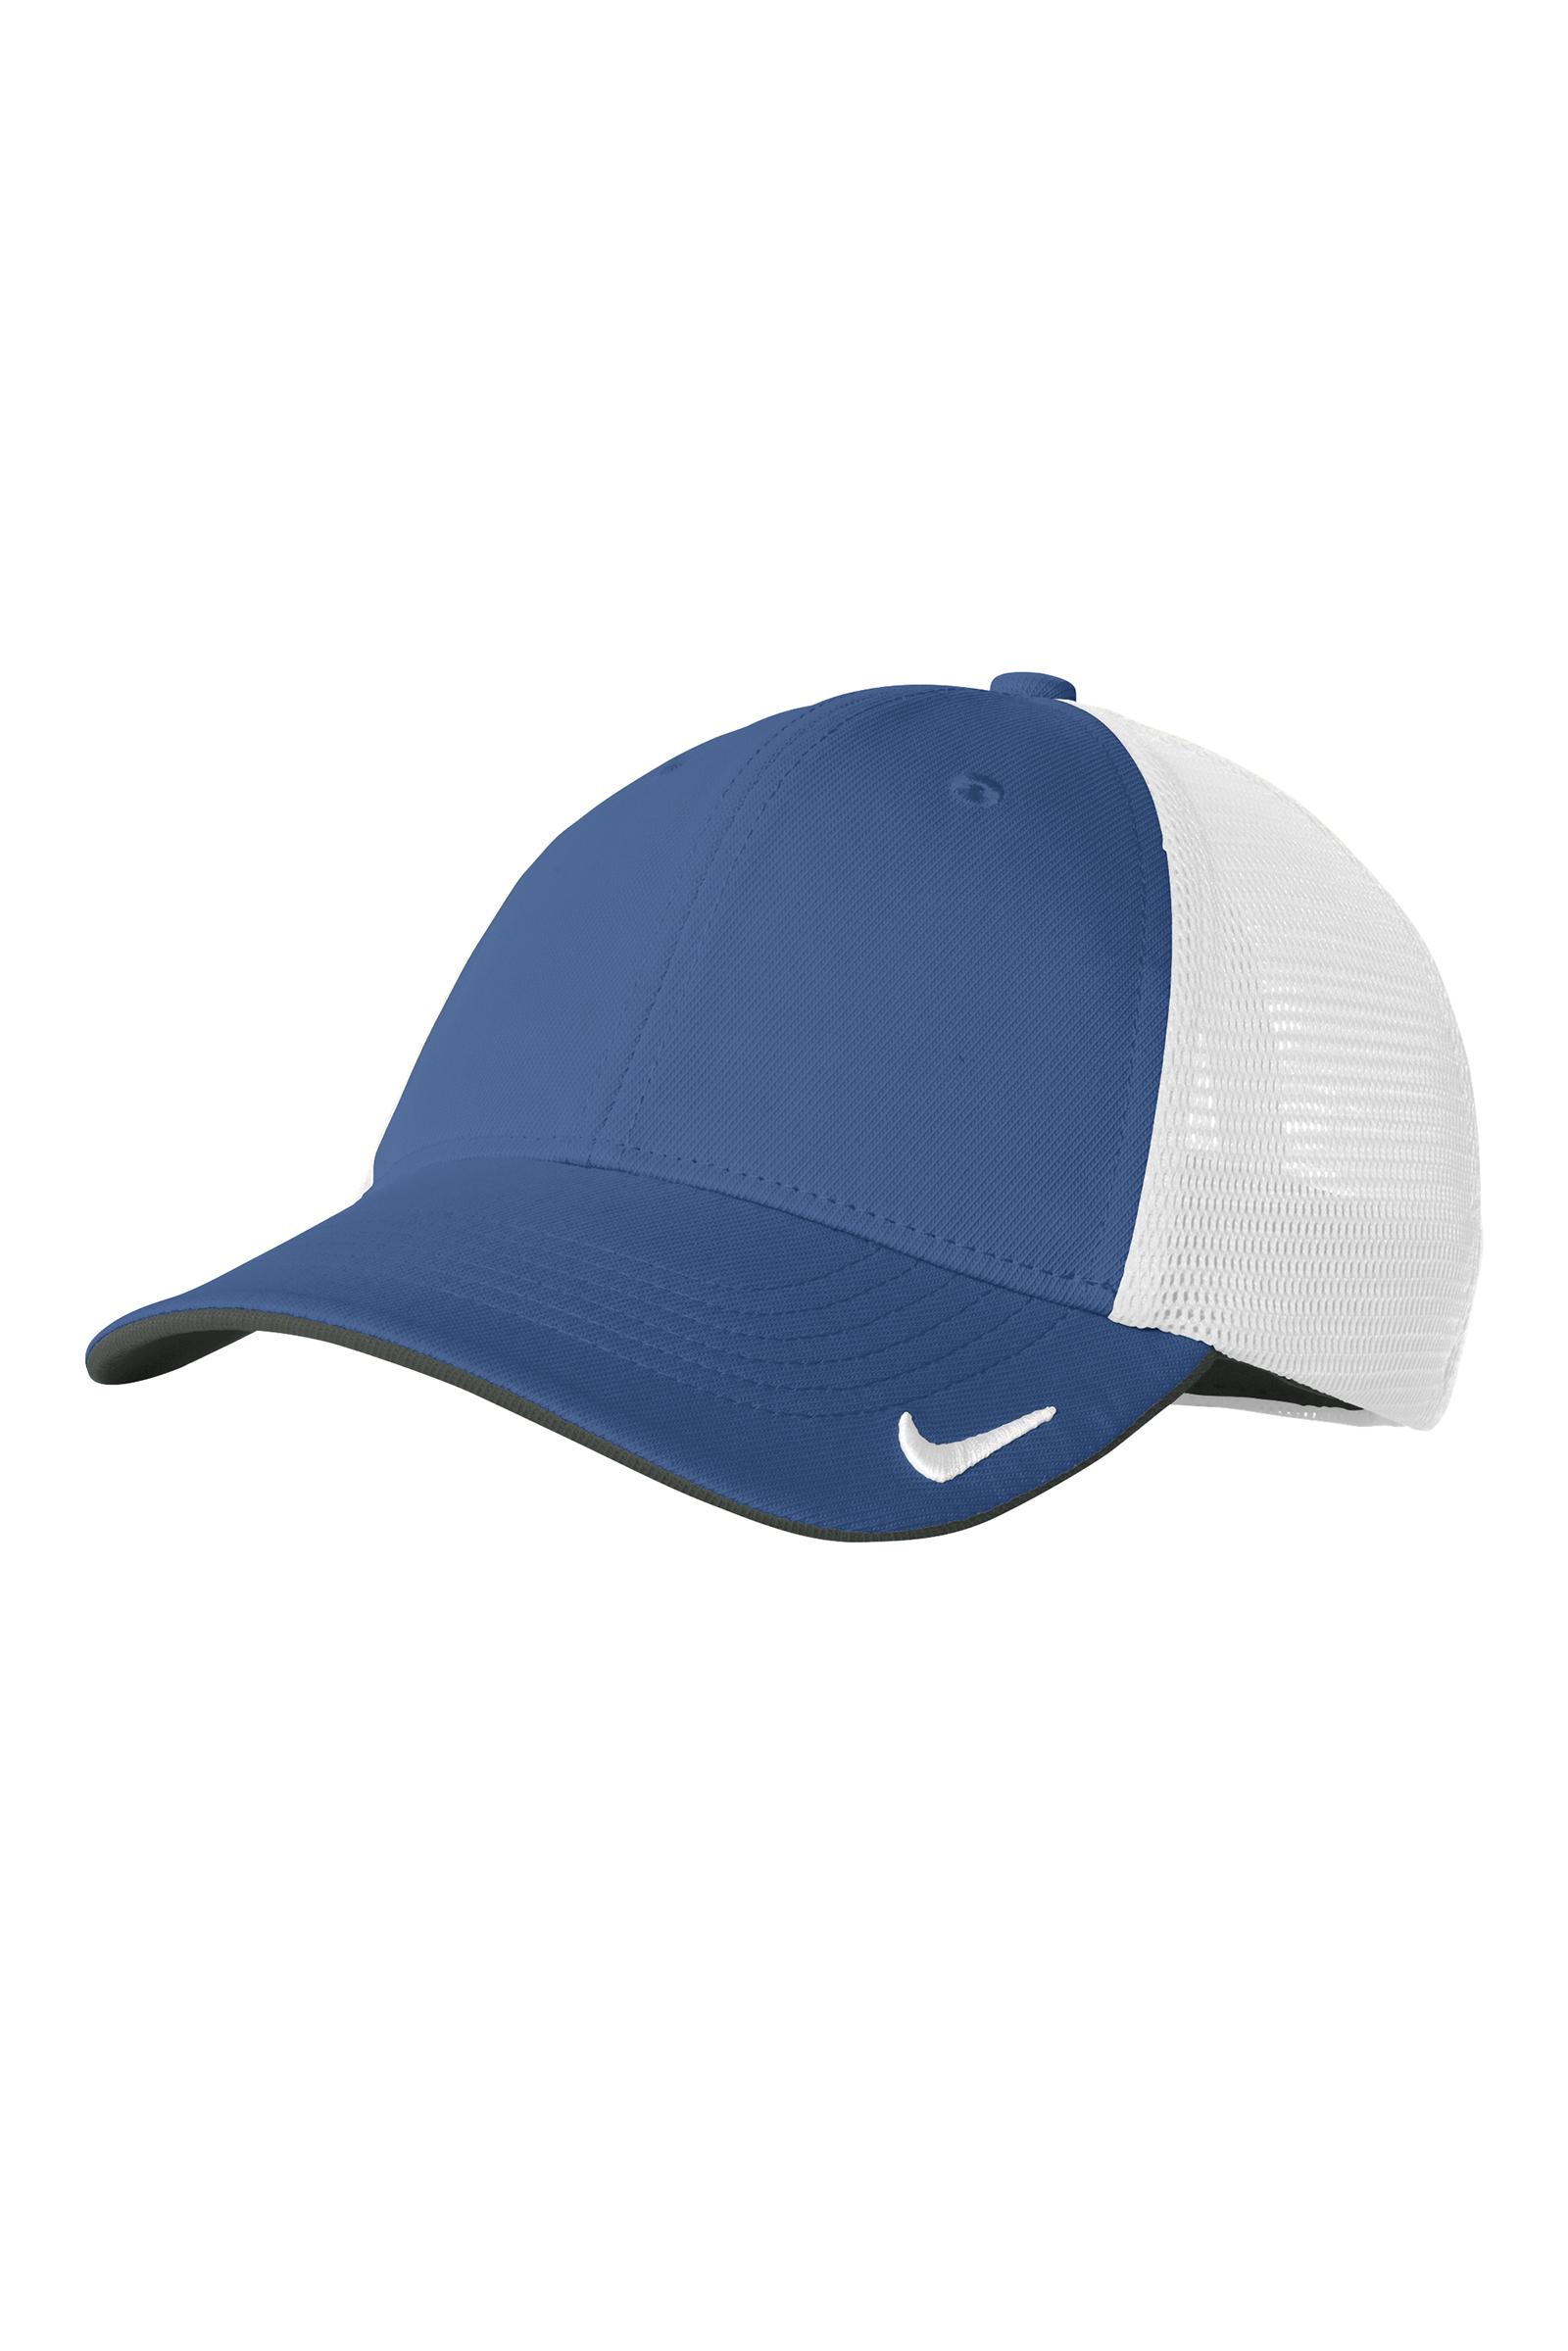 Nike Golf  Embroidered Mesh Back Cap II